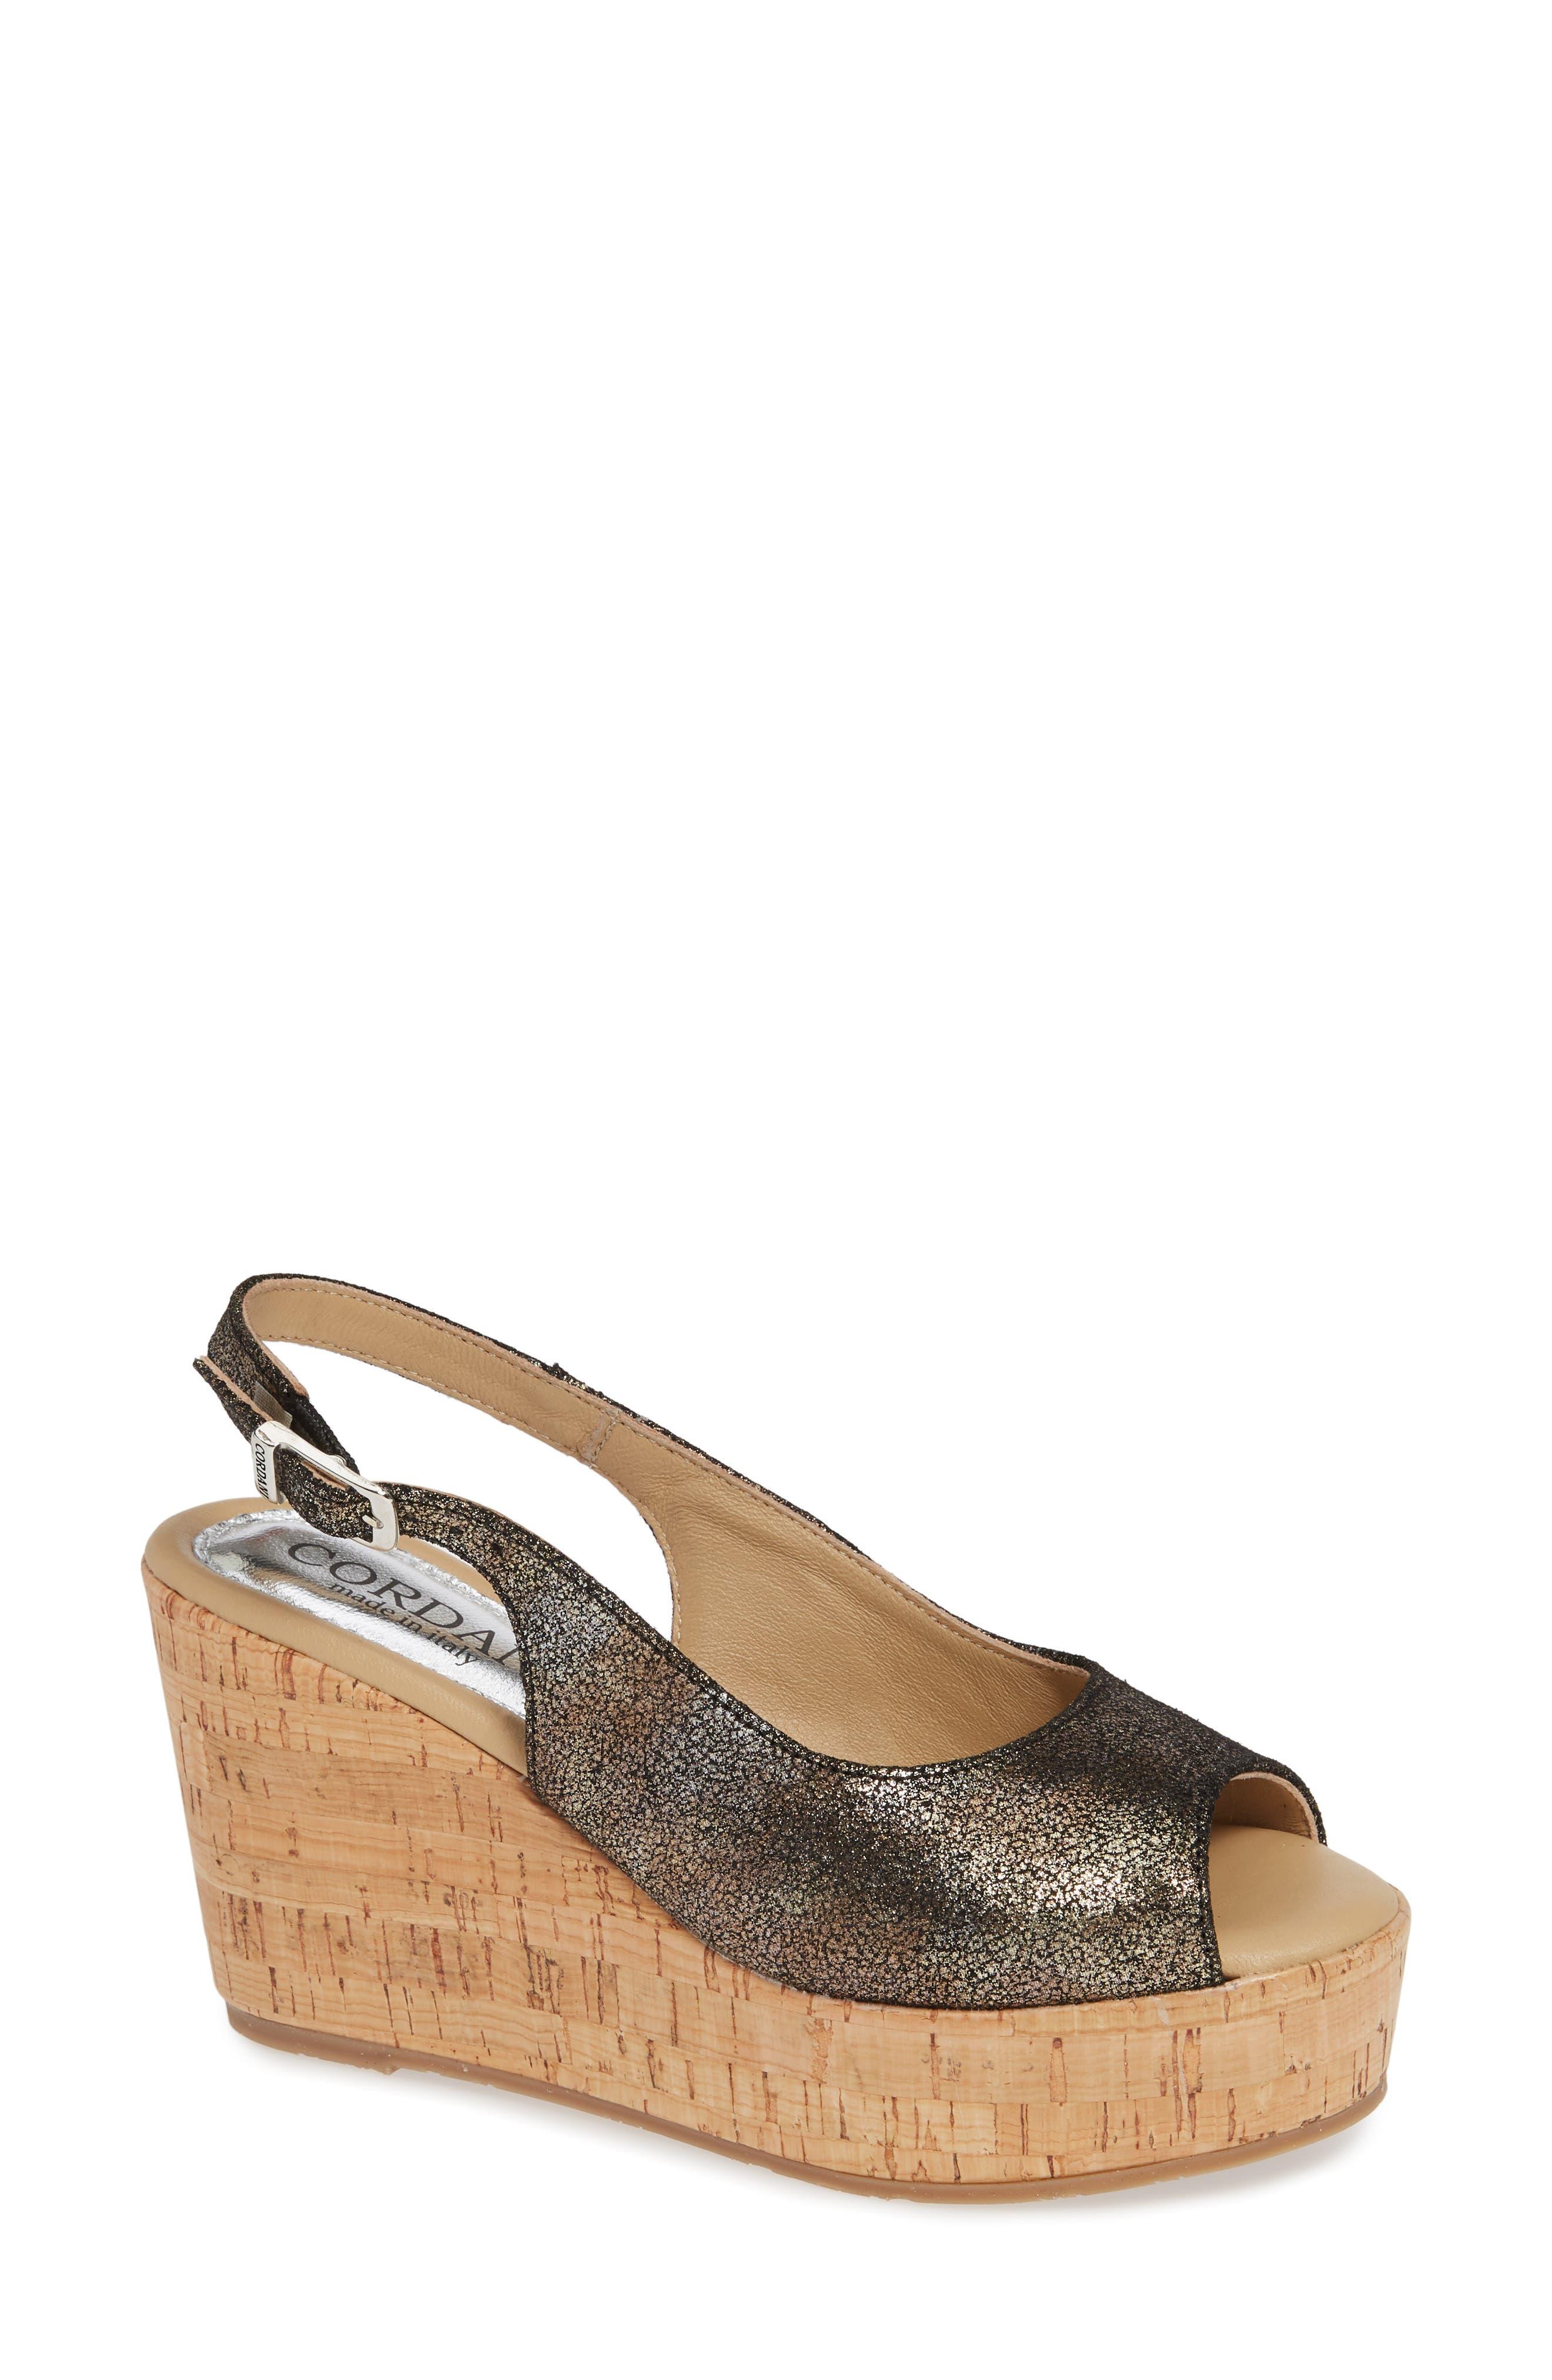 Cordani Janey Wedge Sandal - Metallic